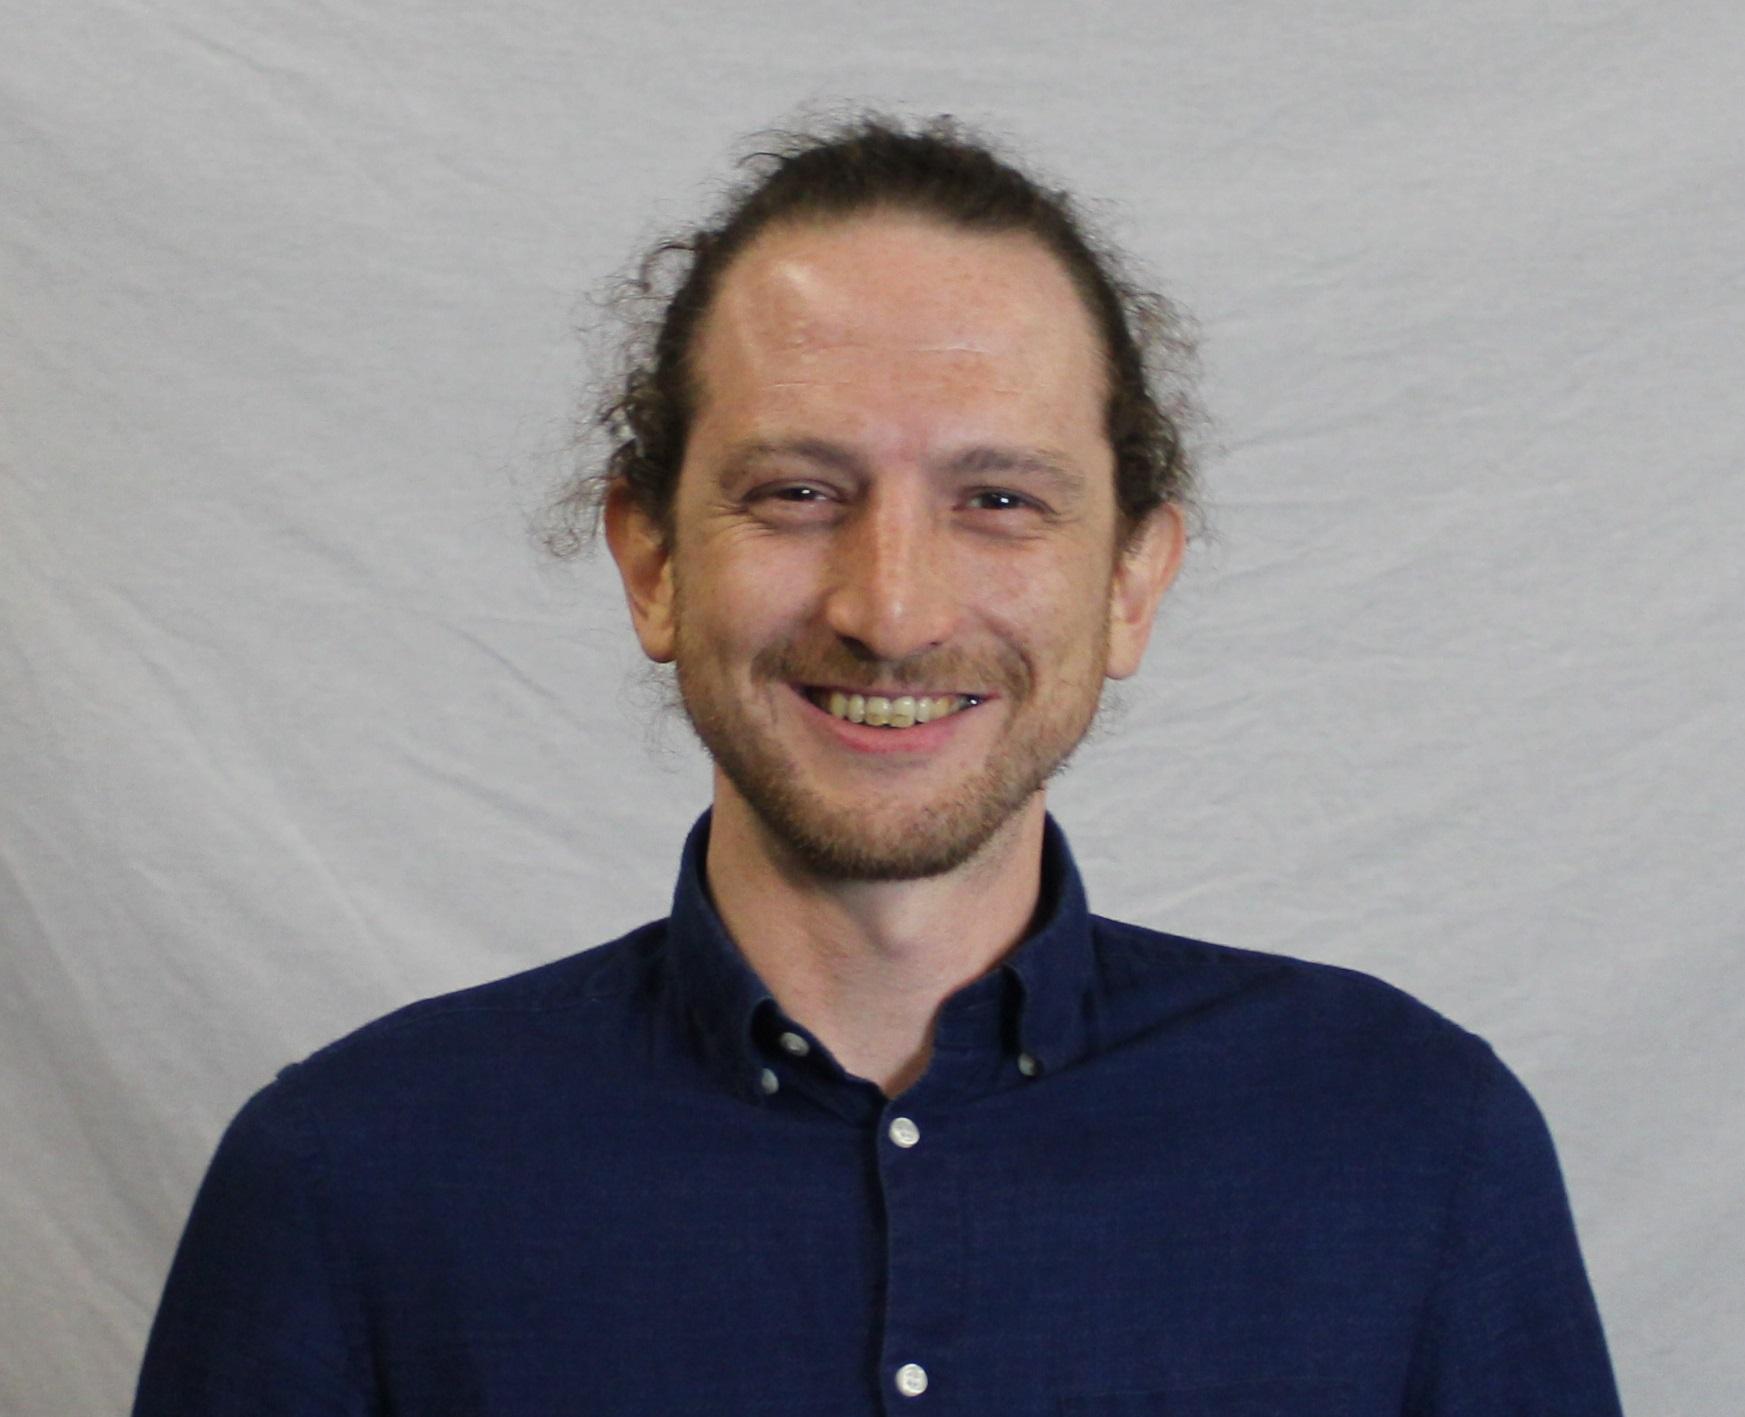 Martin Zangger